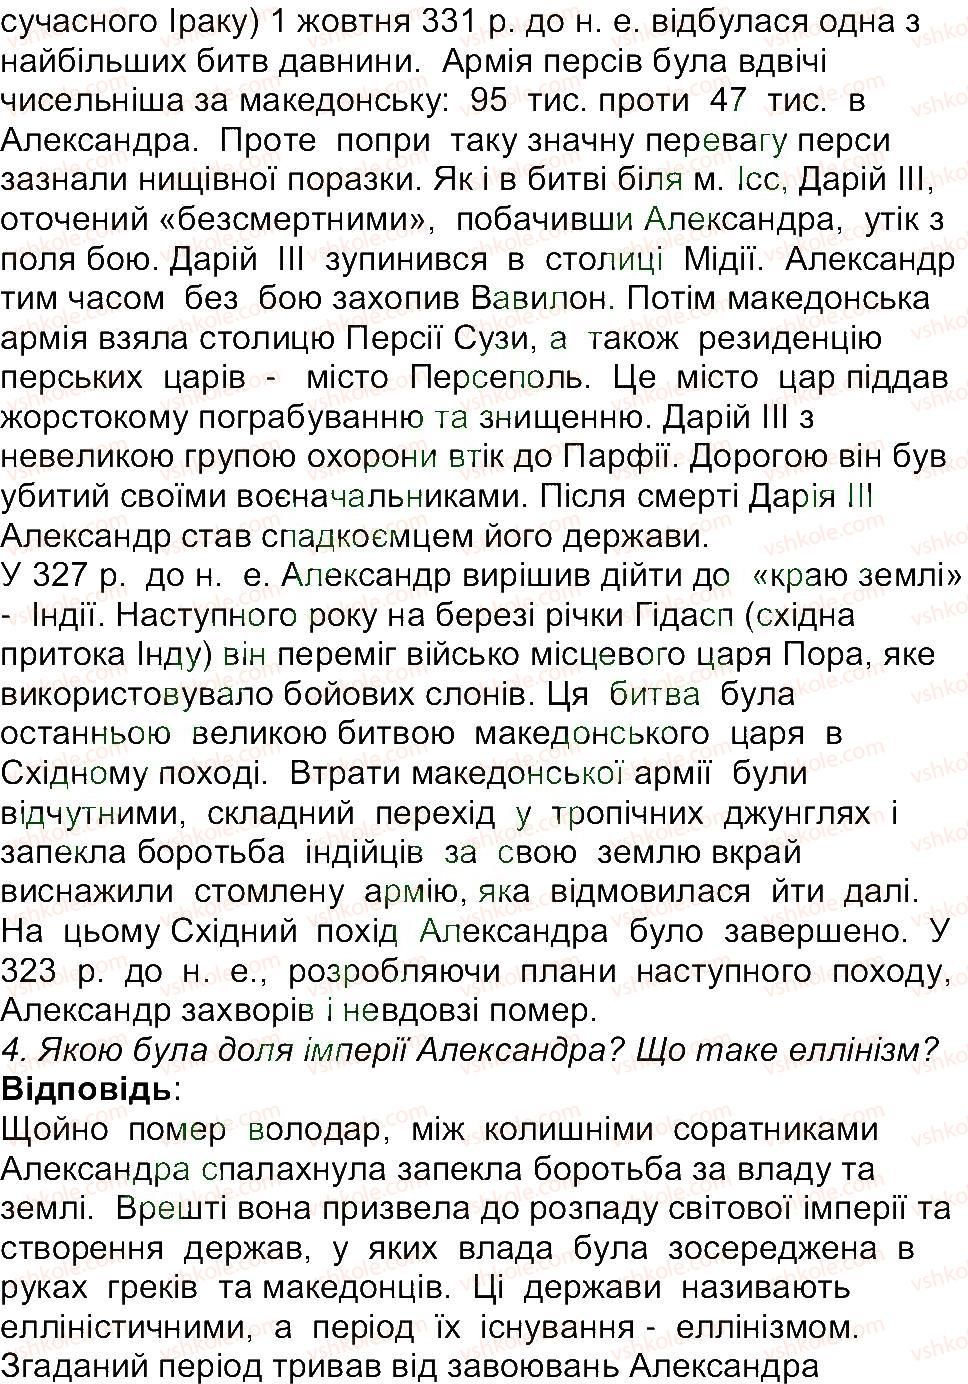 6-istoriya-og-bandrovskij-vs-vlasov-2014--storinki-143200-189-rnd1635.jpg